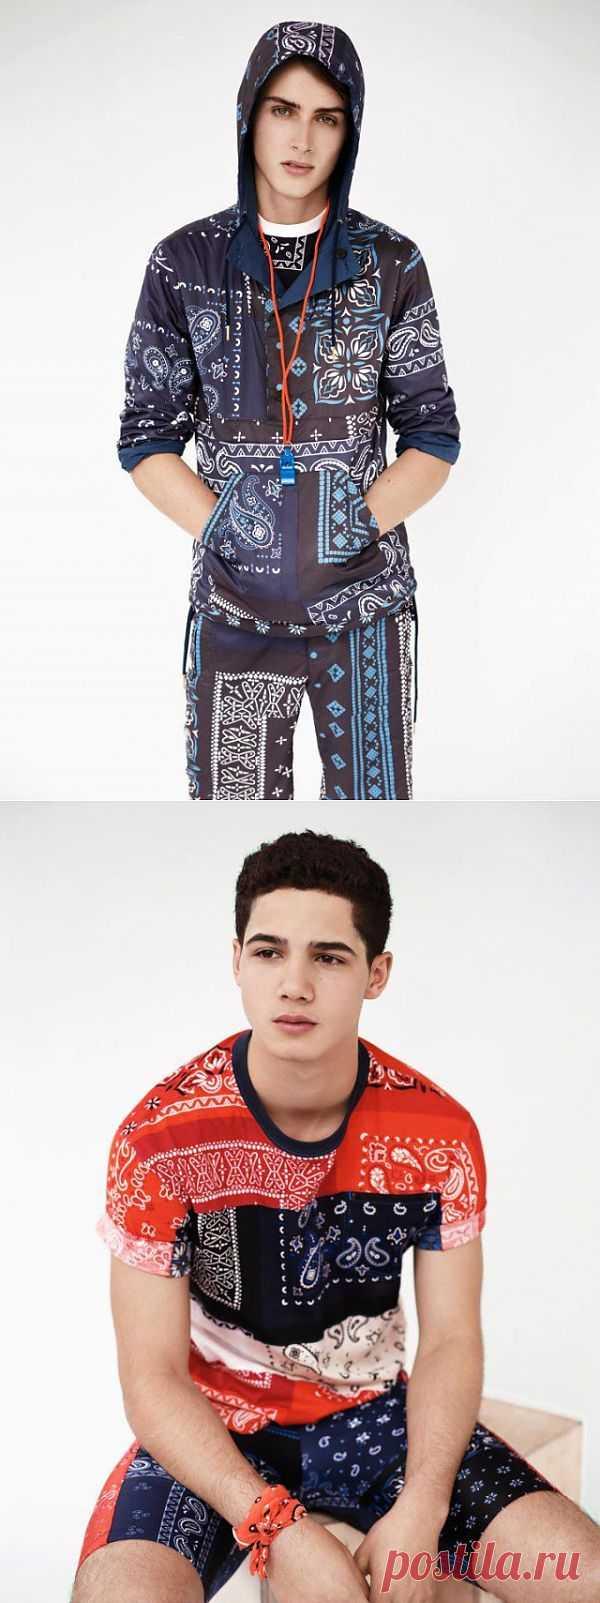 Adidas Originals Opening Ceremony / Платки / Модный сайт о стильной переделке одежды и интерьера